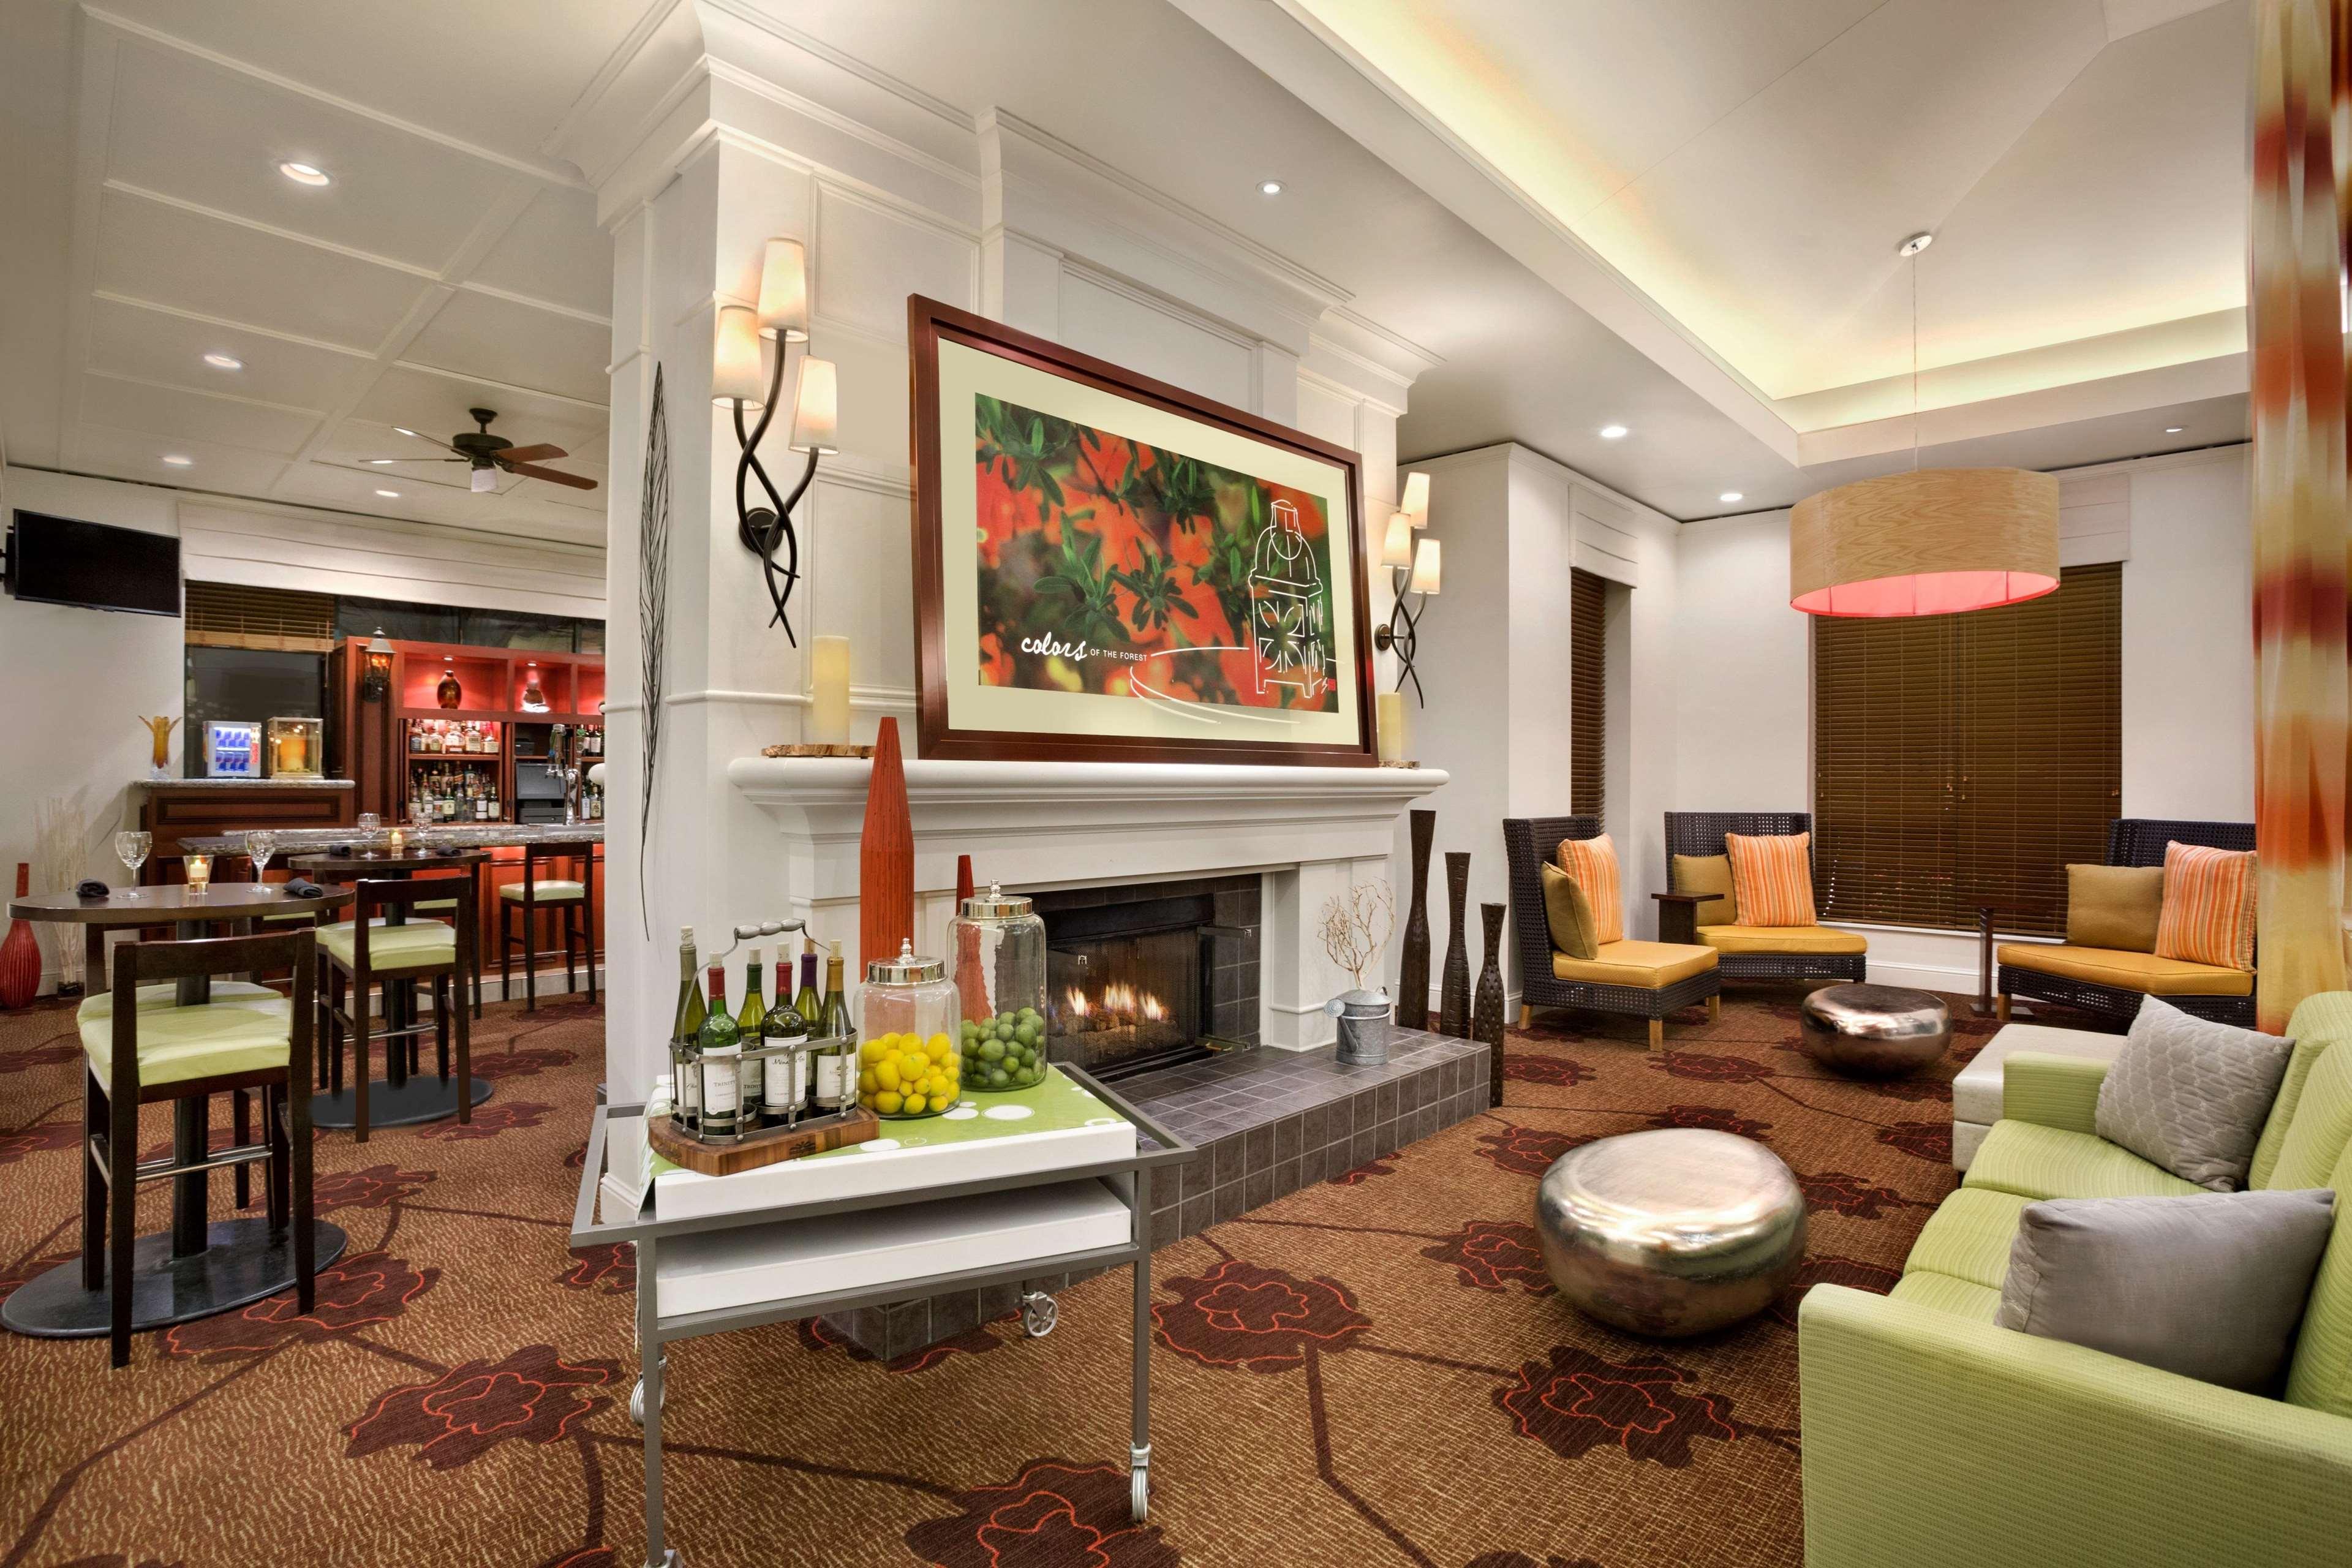 Hilton Garden Inn Atlanta Perimeter Center image 2